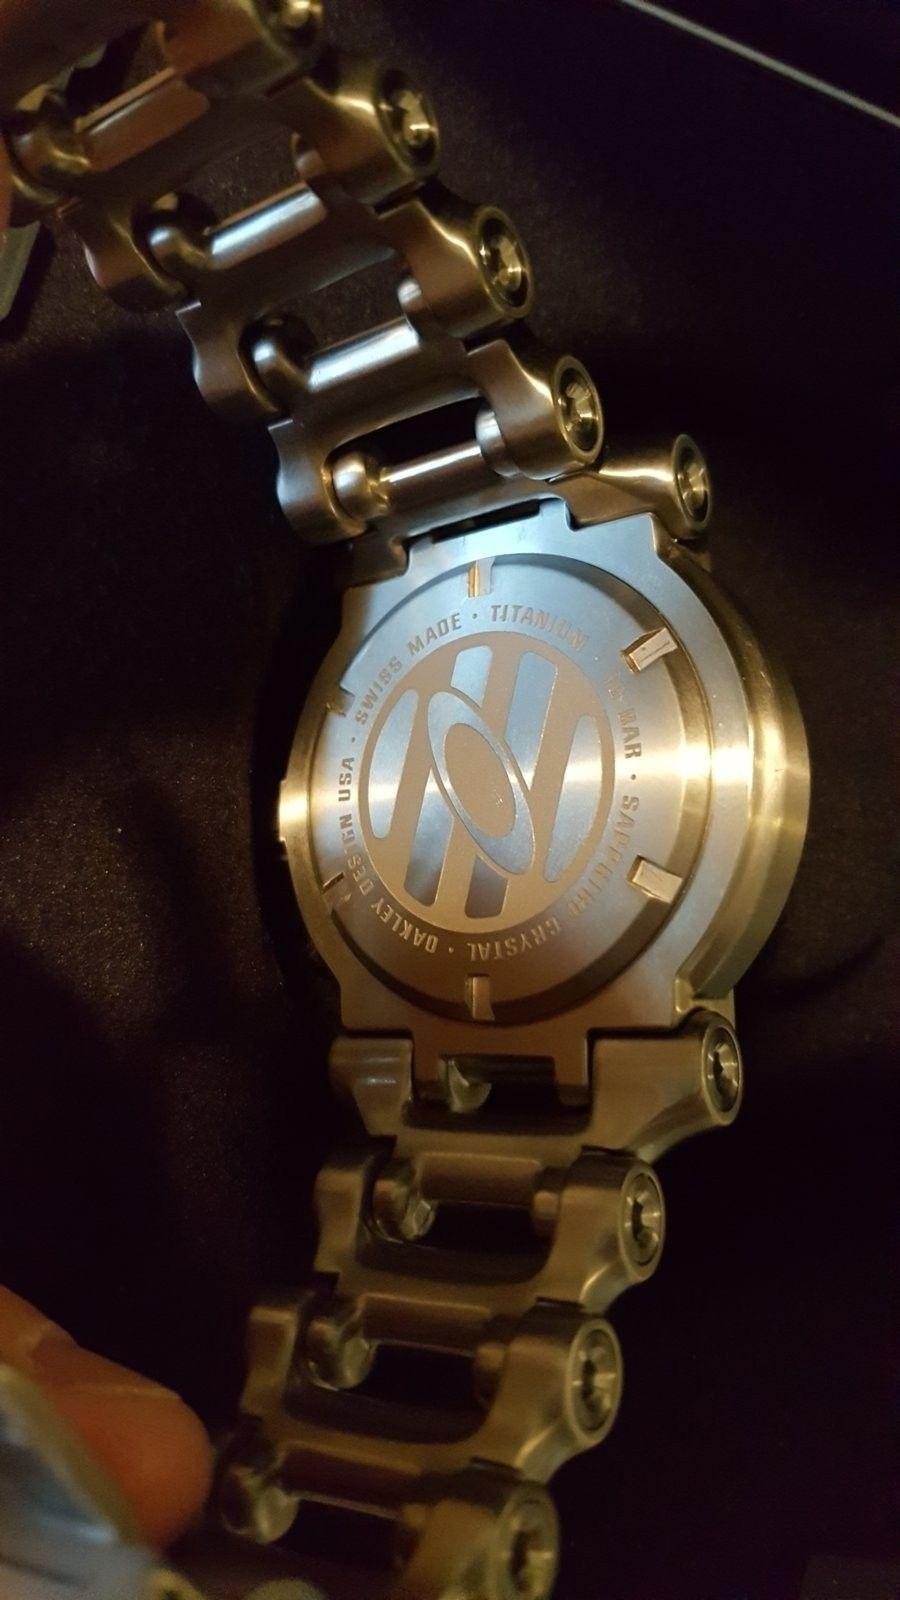 Oakley Men's 10-047 Hollow Point Orange Dial Watch $975 --> $950 - 20160504_181151.jpg